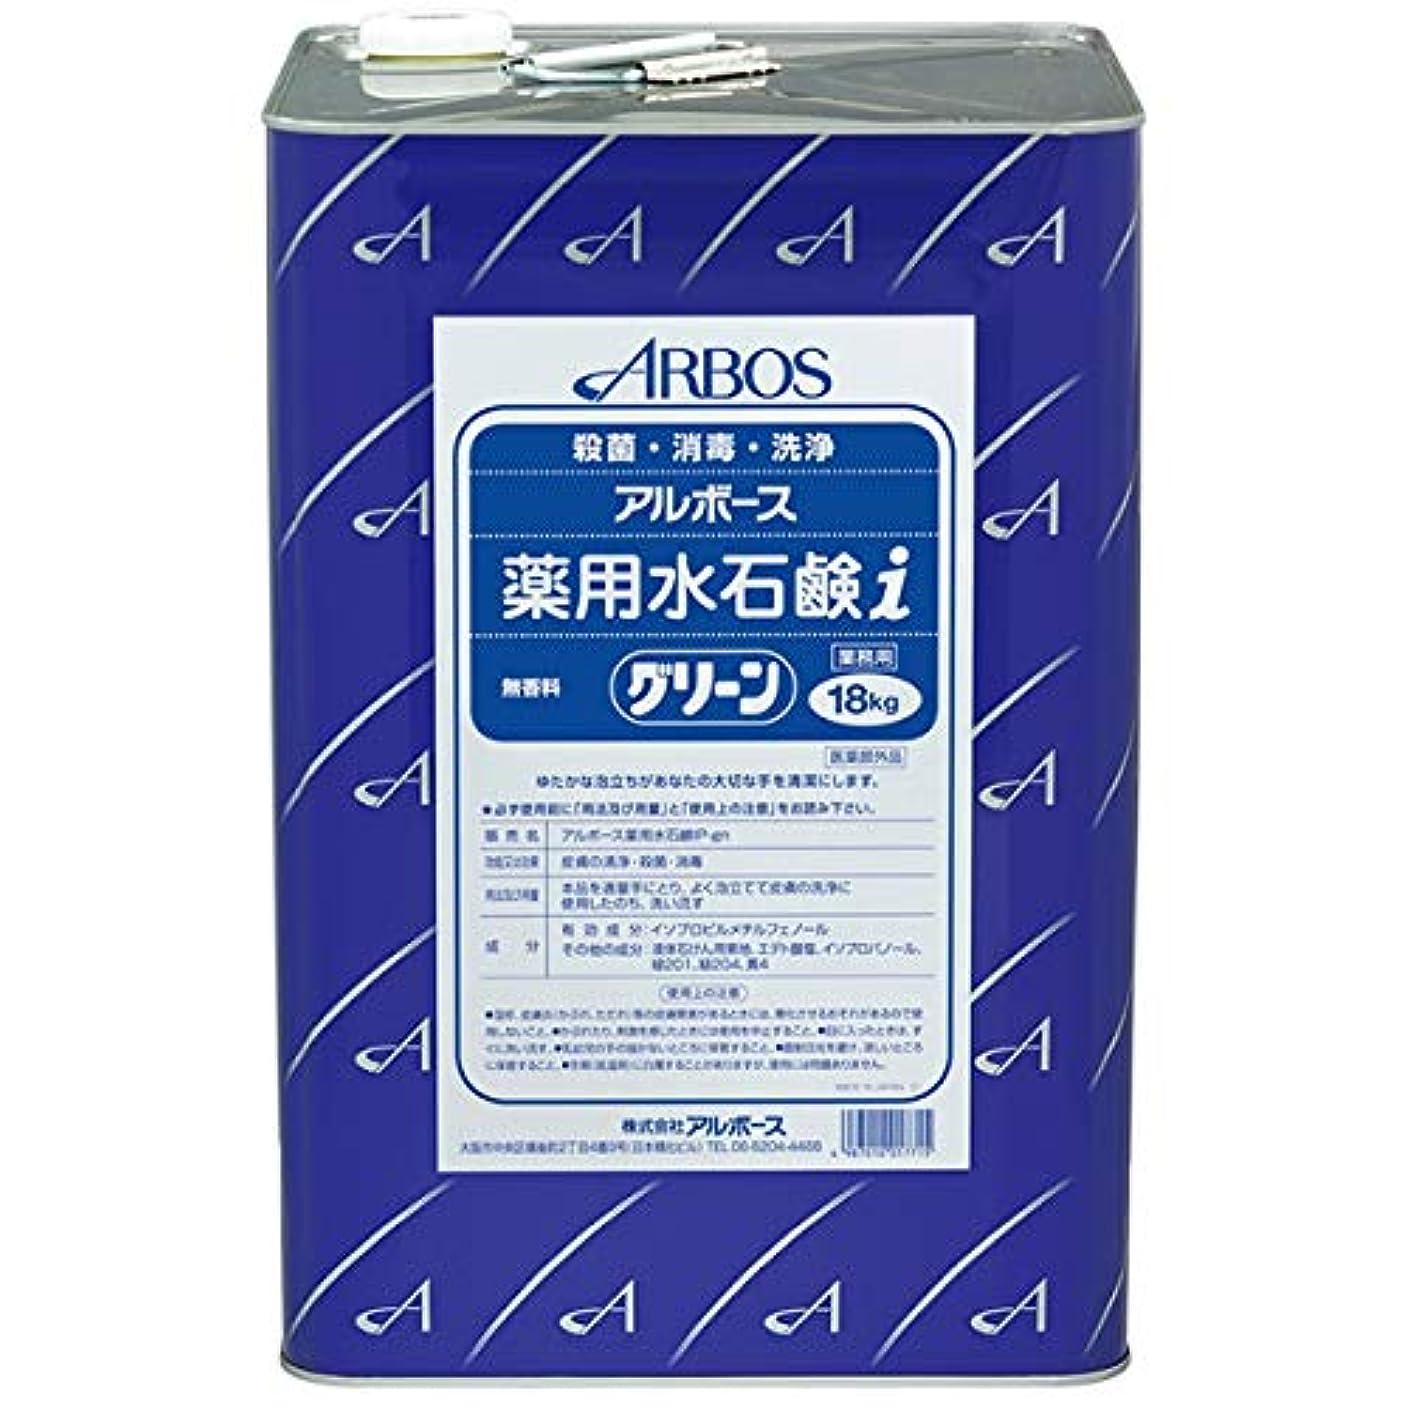 知覚それにもかかわらず連合【清潔キレイ館】アルボース薬用水石鹸グリーンi(18L)